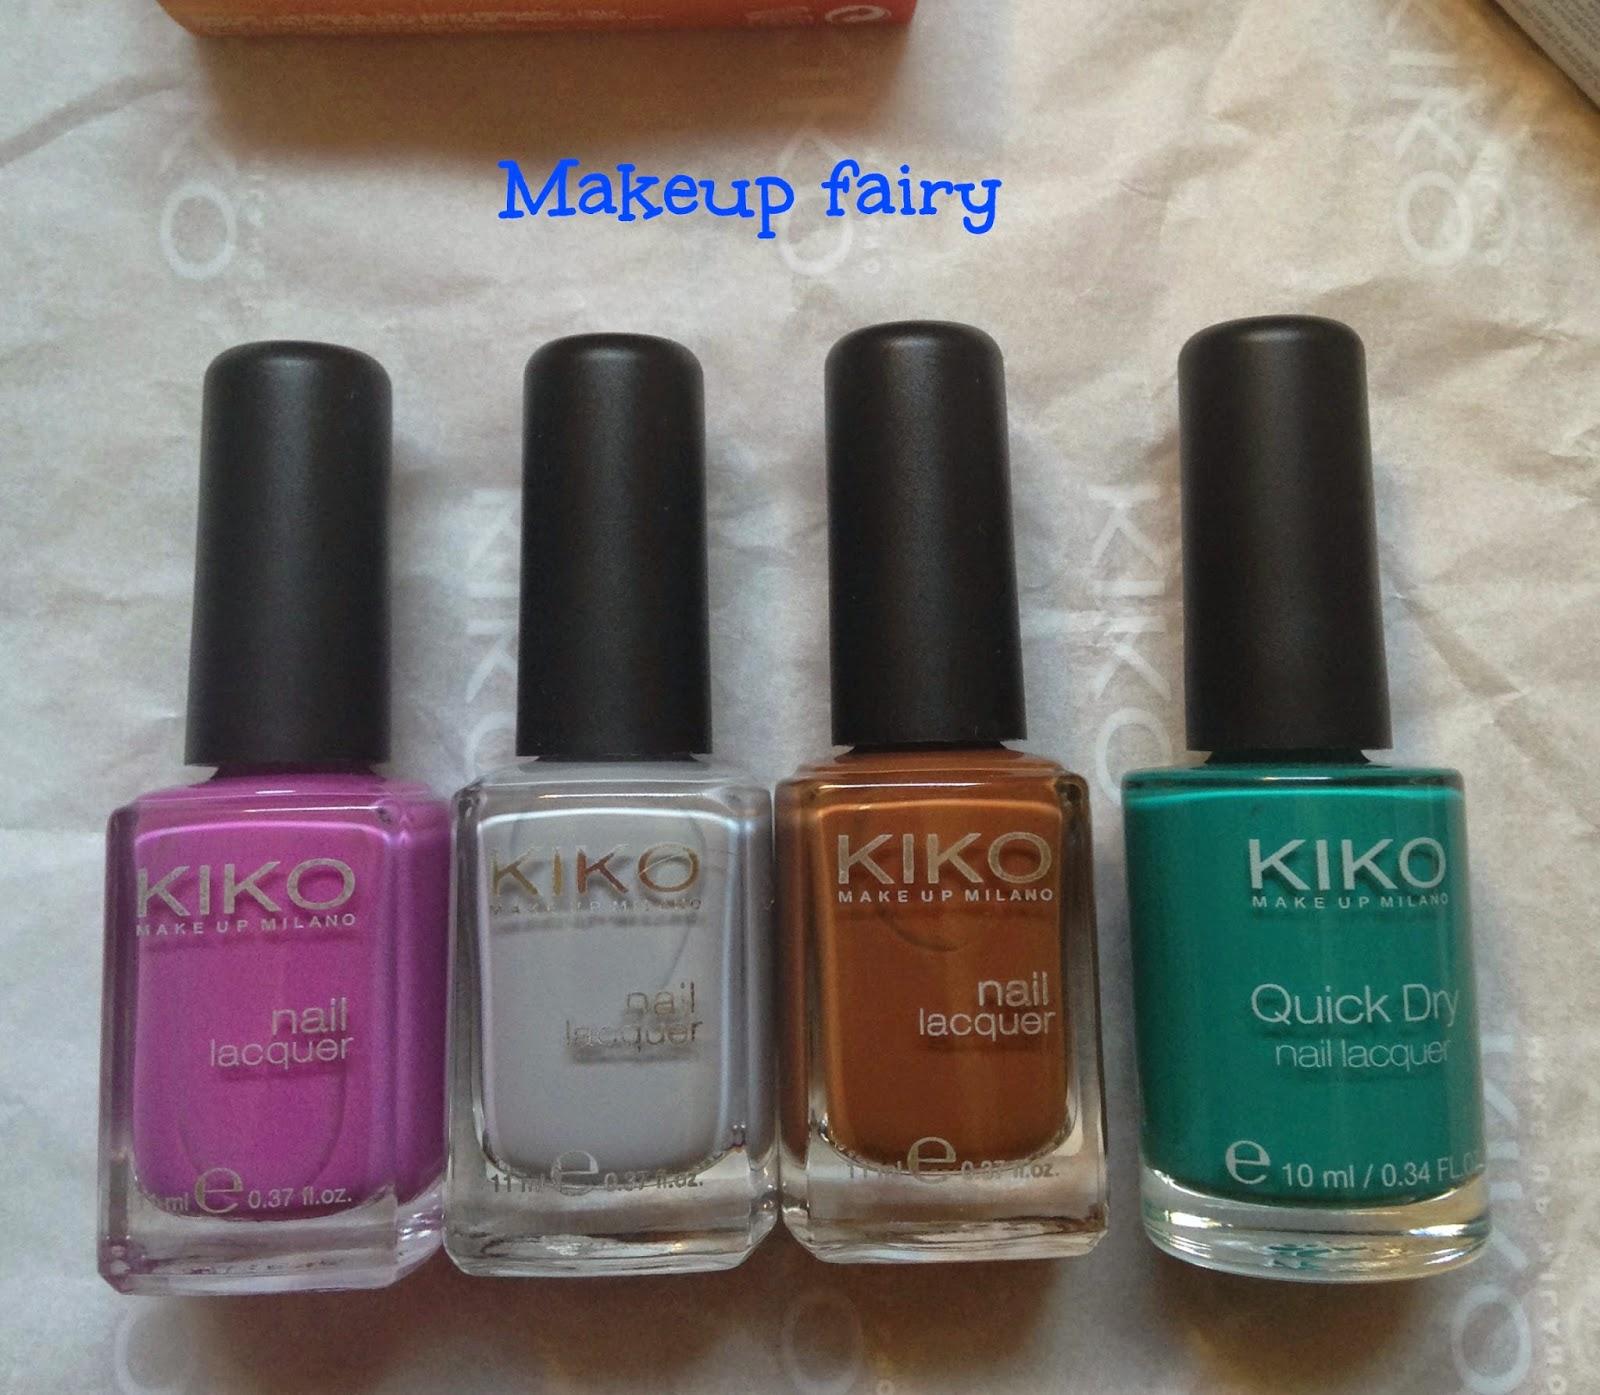 Tinklesmakeup: Kiko haul aka diary of a shopaholic: blush,kiko ...